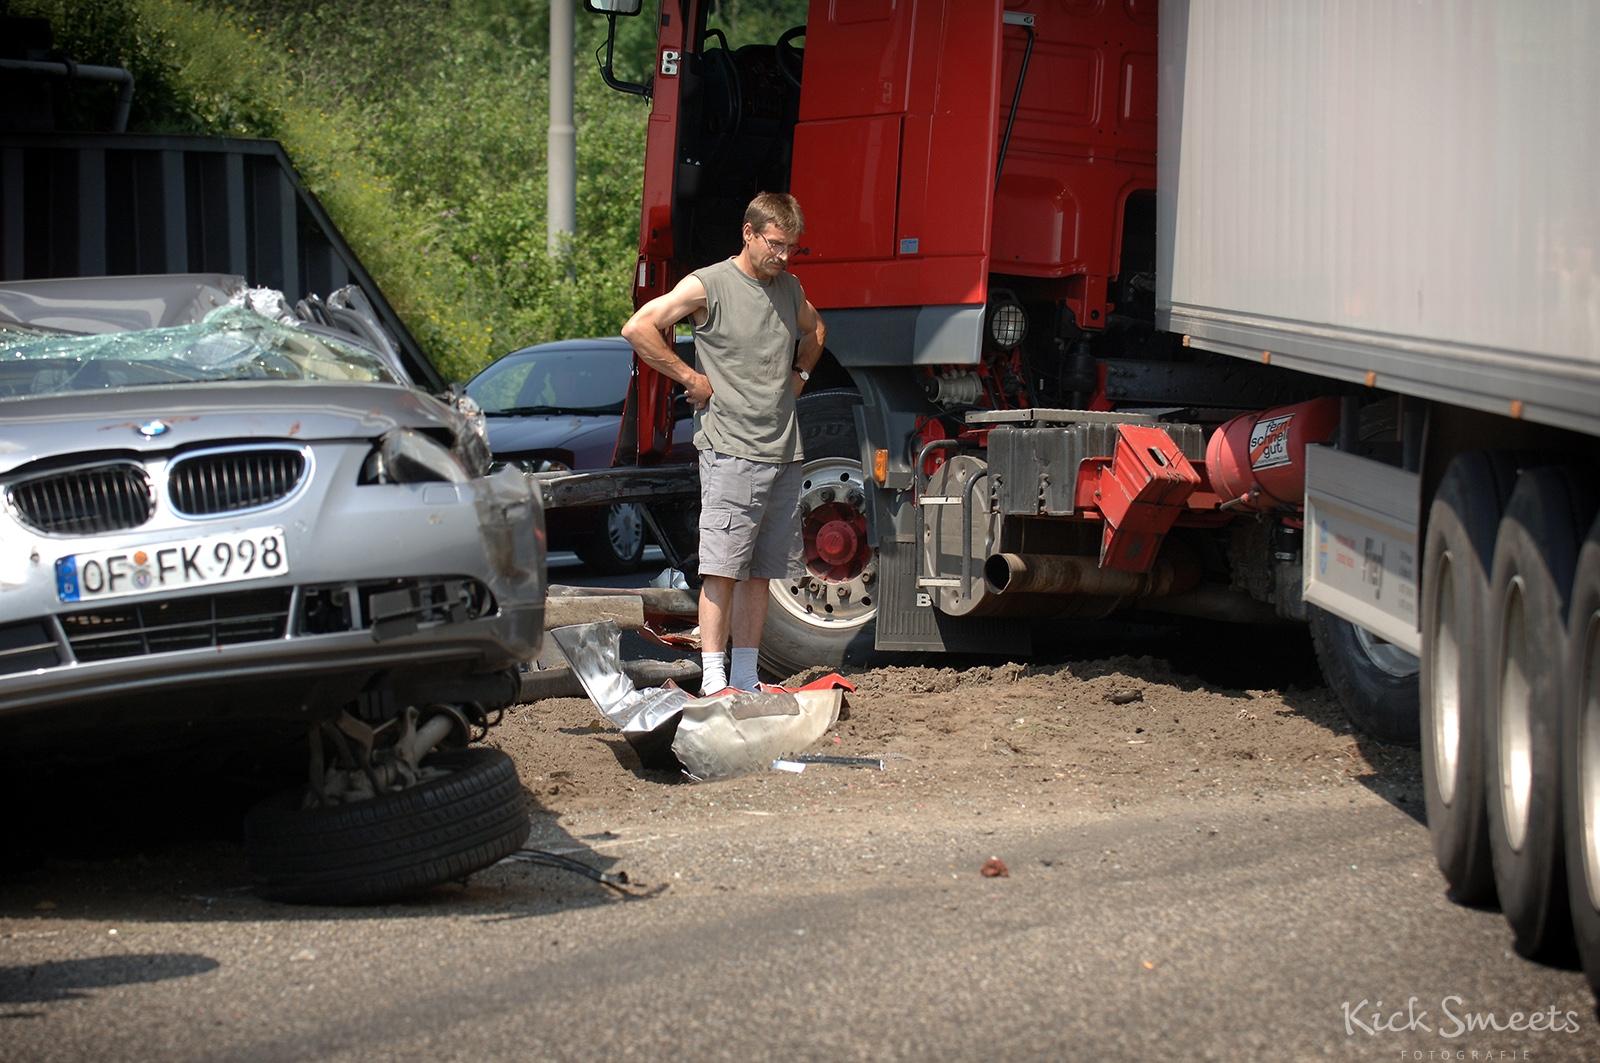 De poolse chauffeur die het ongeluk veroorzaakte staat tussen de wrakstukken, Utrecht